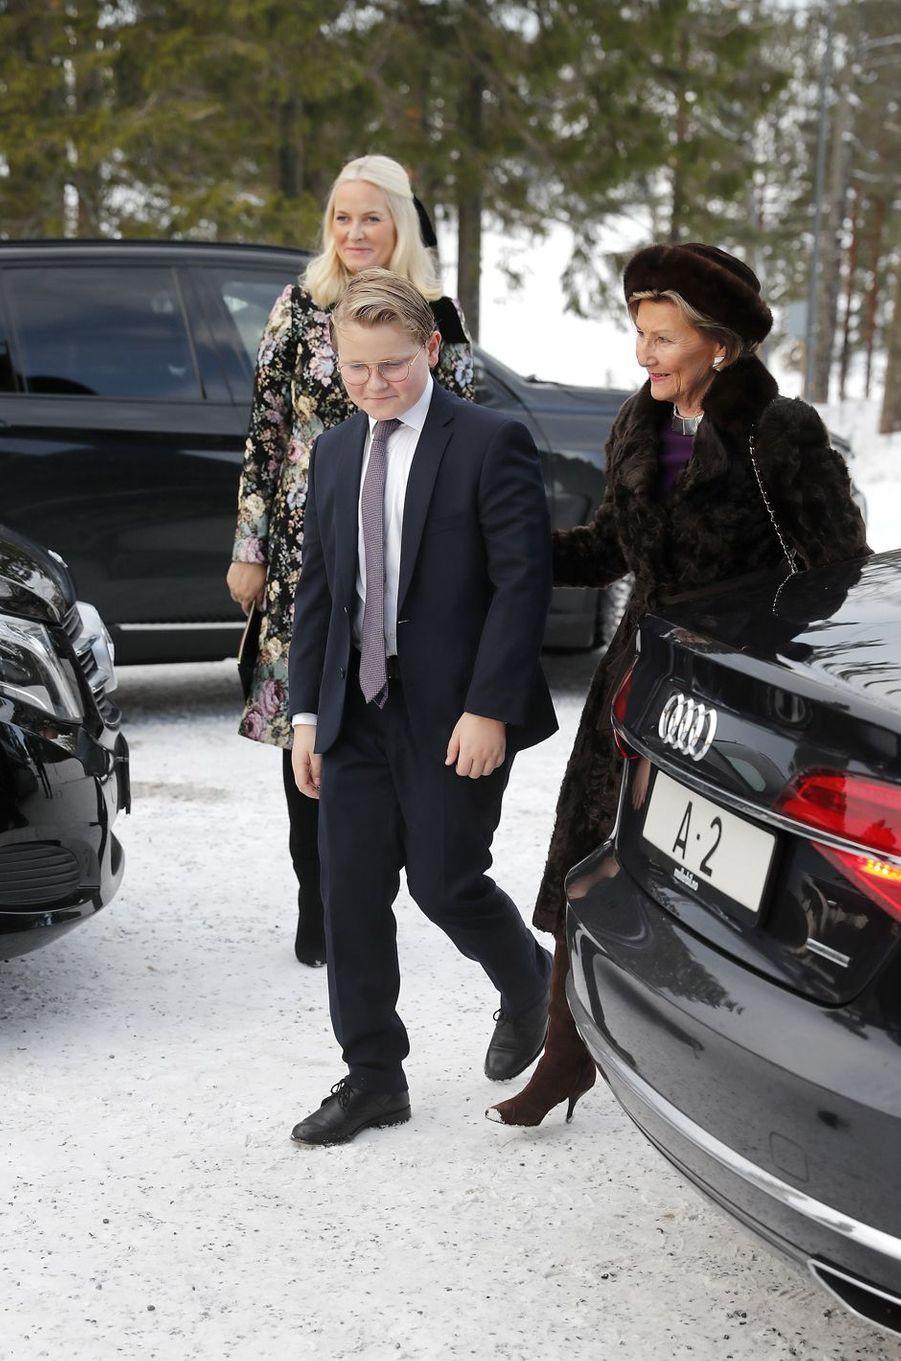 La princesse Mette-Marit, la reine Sonja et le prince Sverre Magnus de Norvège à Oslo, le 25 décembre 2018